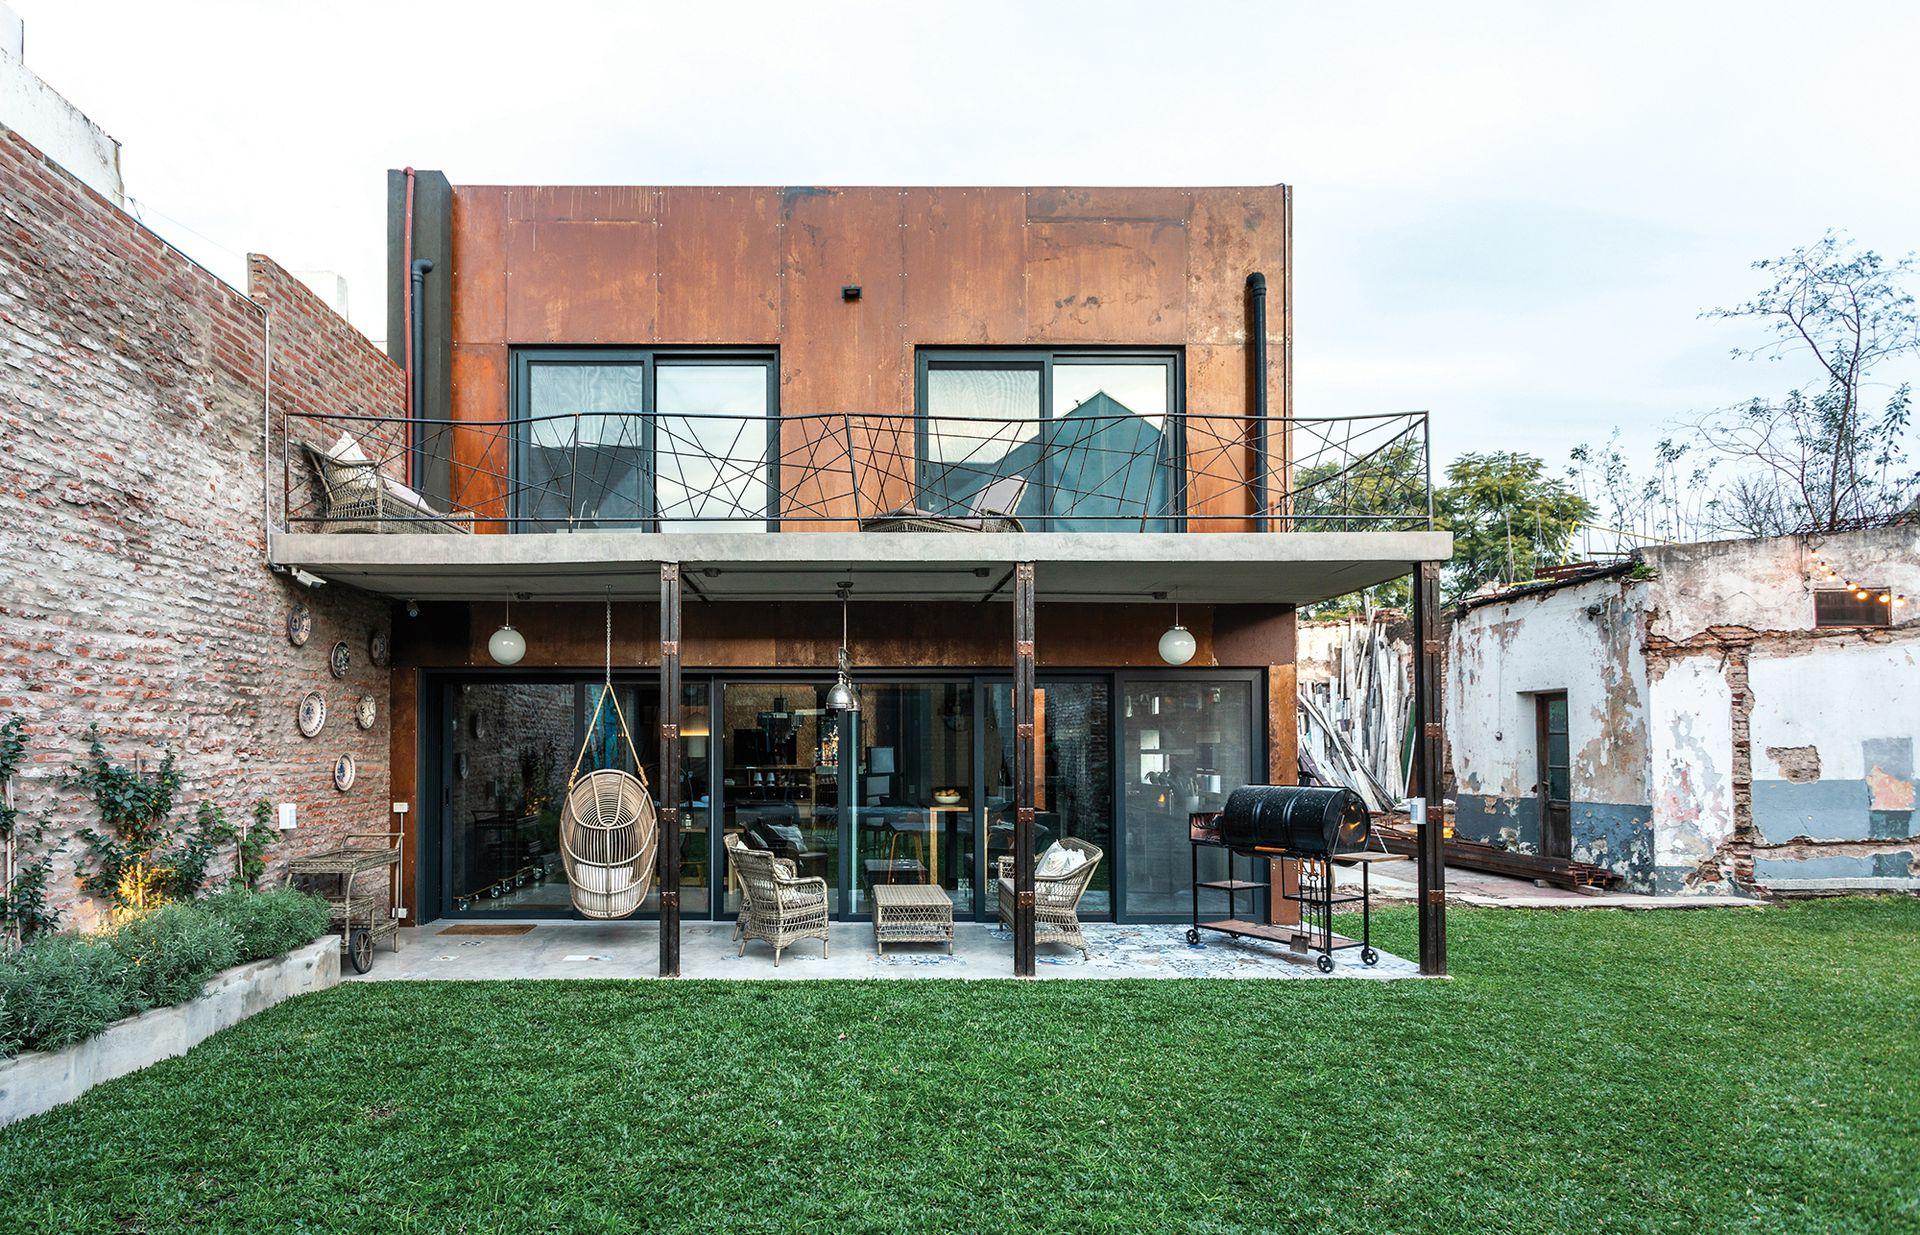 La audacia de una arquitecta transformó por completo una vieja fábrica de instrumentos para crear una casa con un diseño tan meticuloso como provocativo.